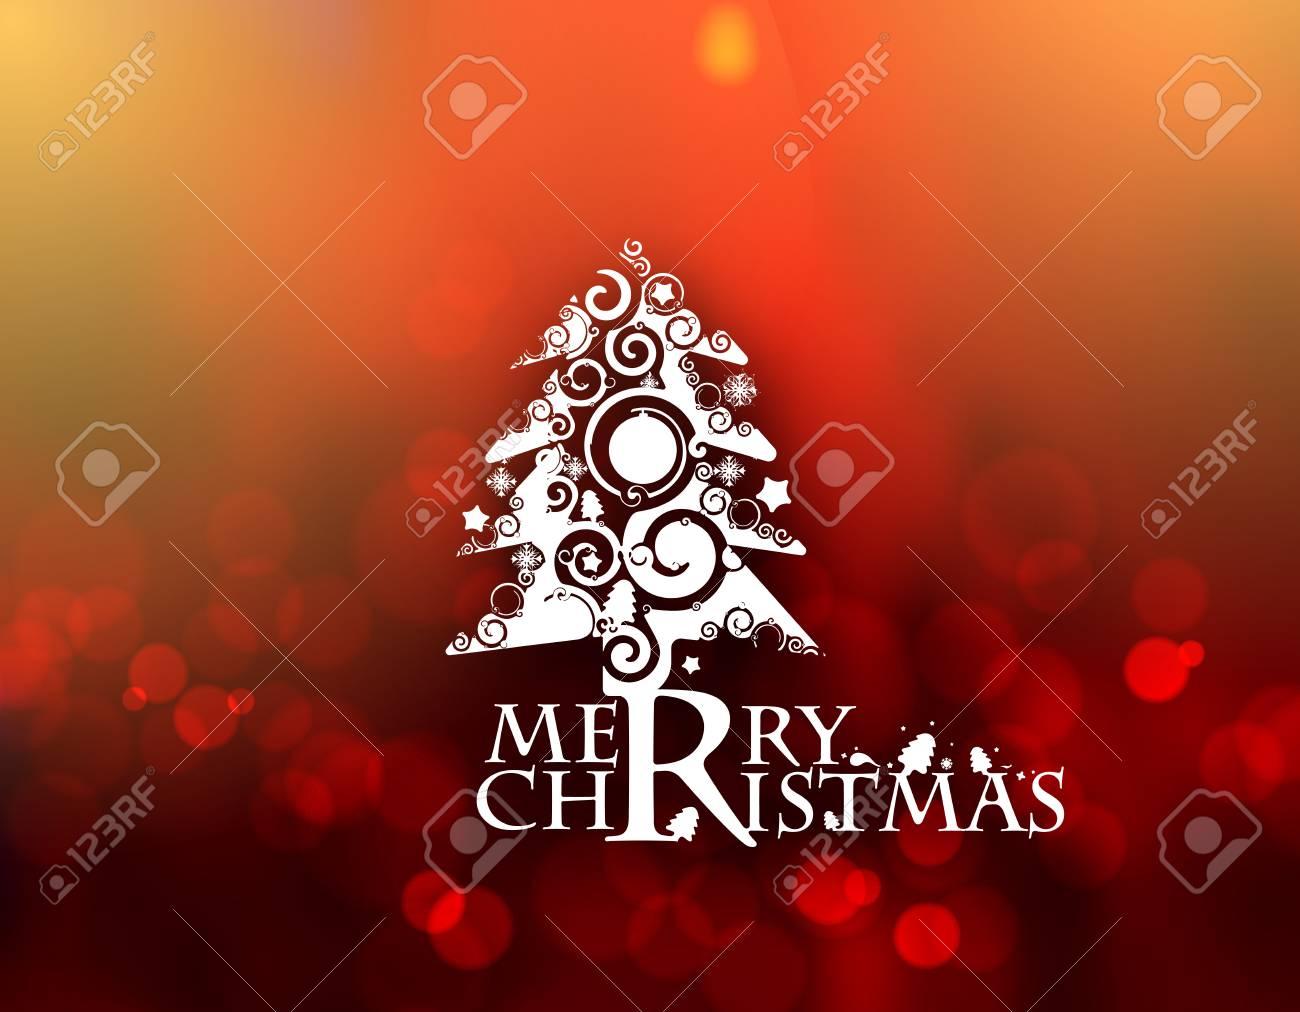 Weihnachtsbaum Hintergrund - Frohe Weihnachten Text Design-Elemente ...